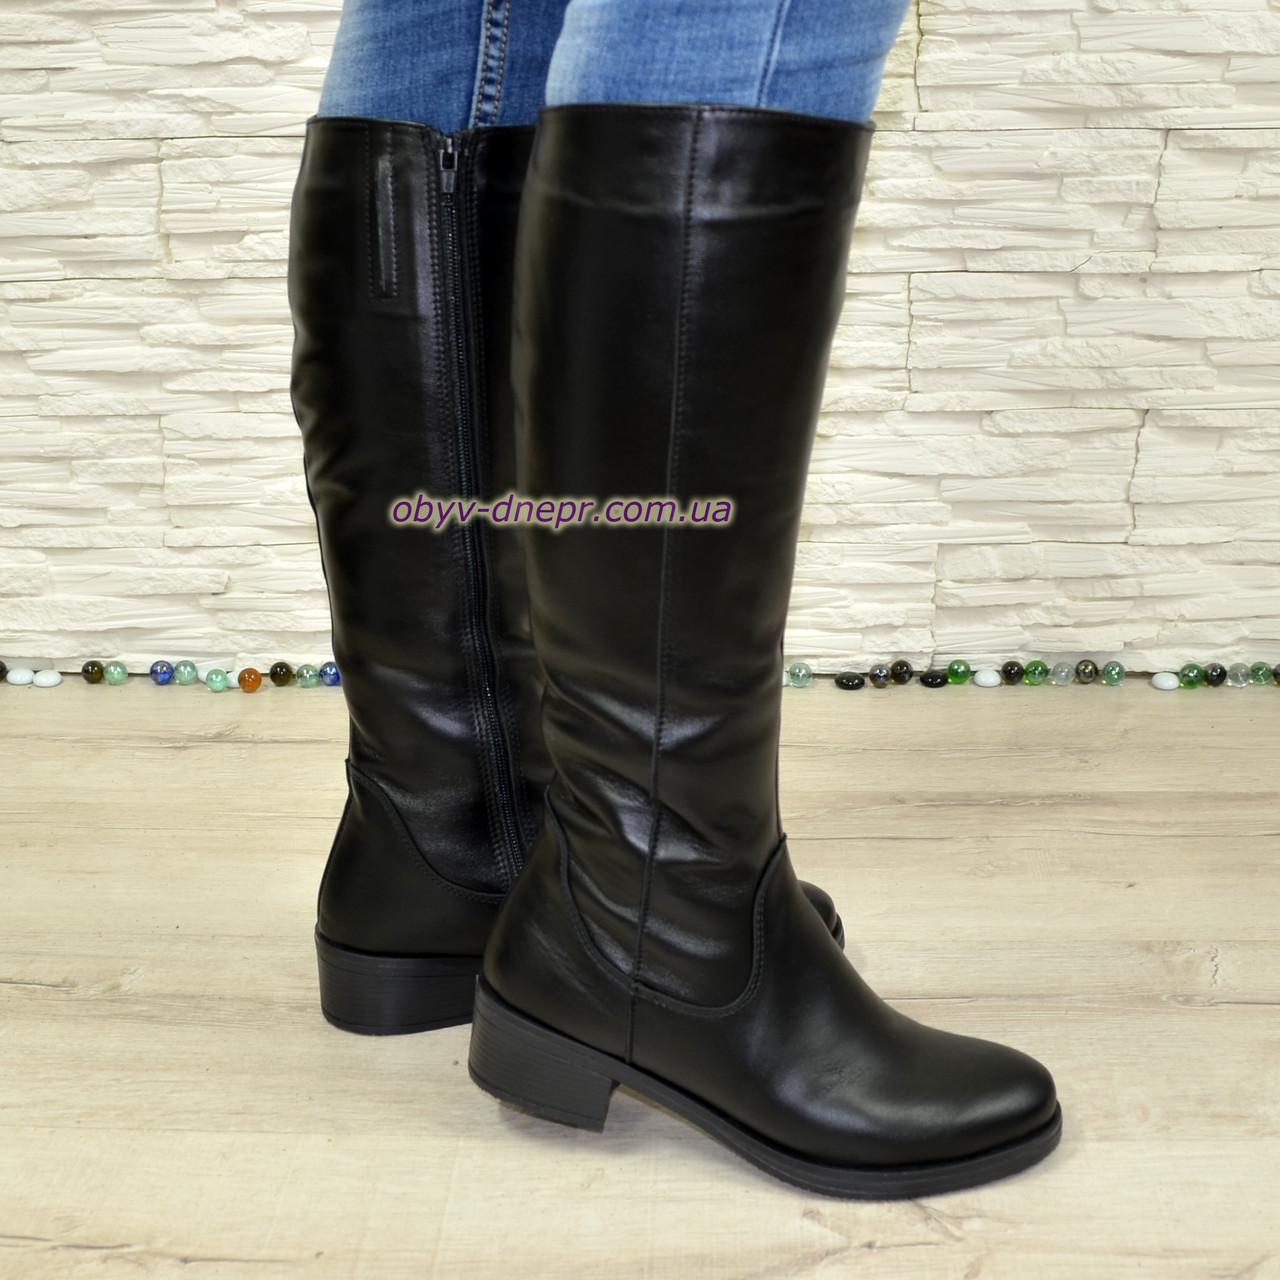 Сапоги кожаные женские демисезонные на невысоком каблуке